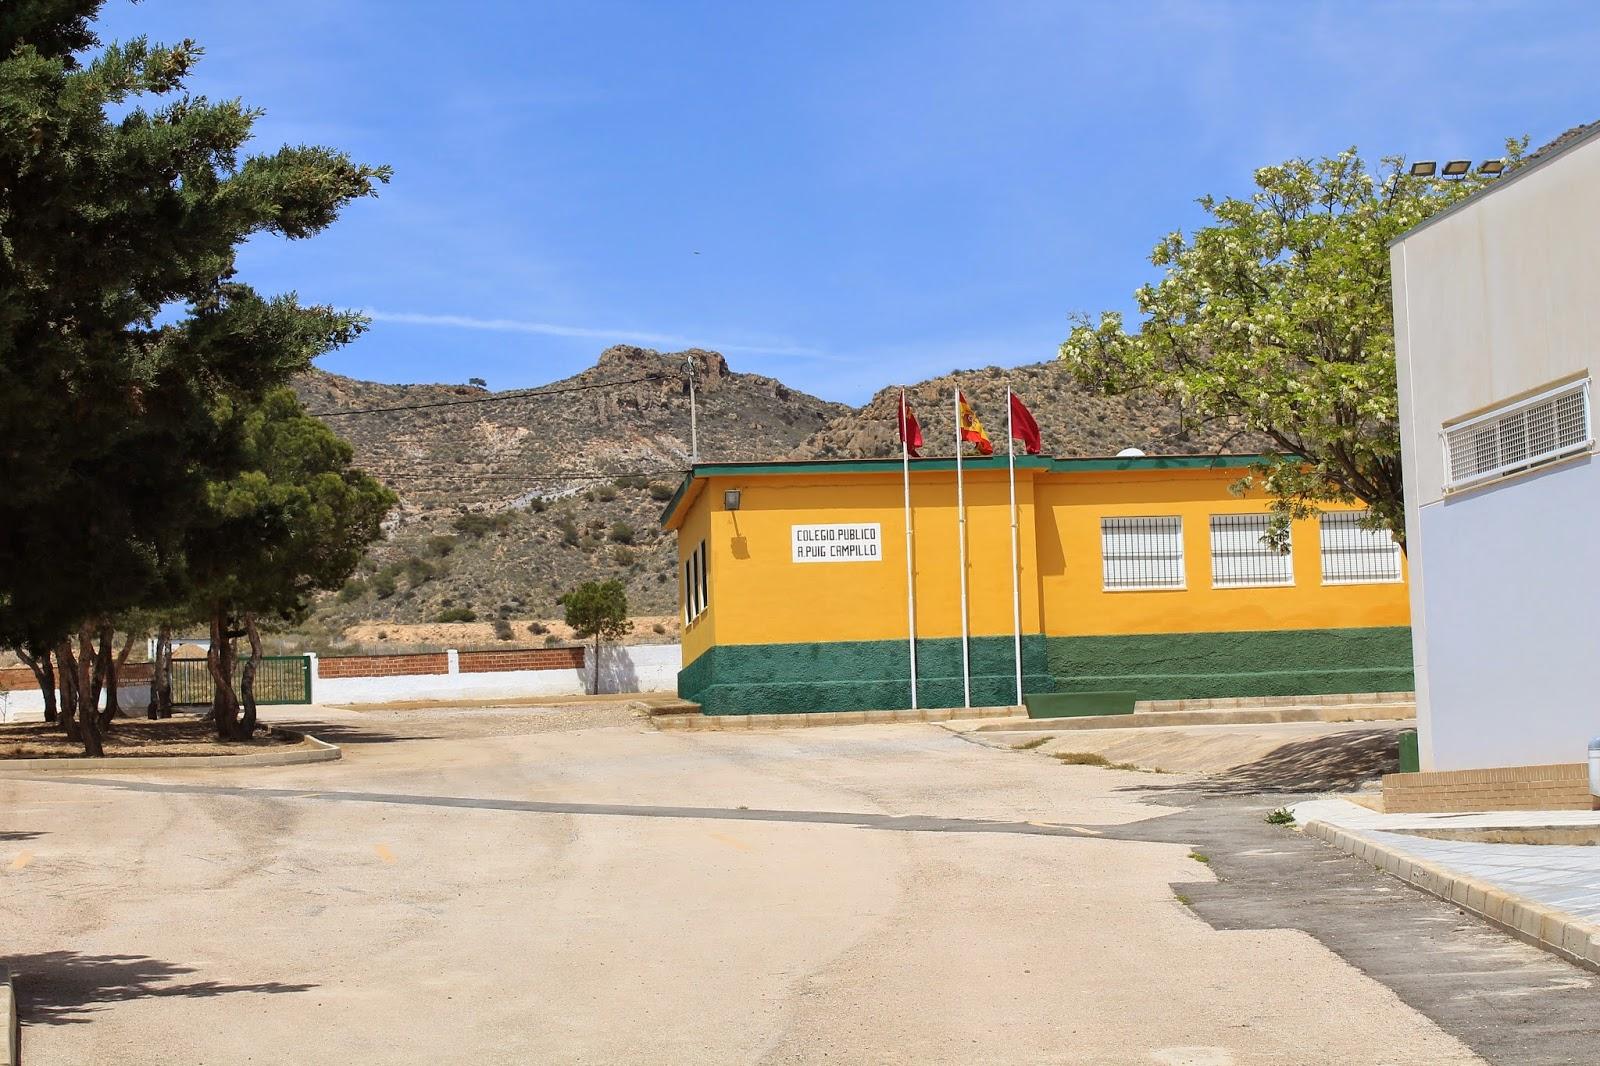 A diez minutos del centro 120 cartagena isla plana iglesia parroquial de nuestra se ora del - Residencial isla tabarca ...